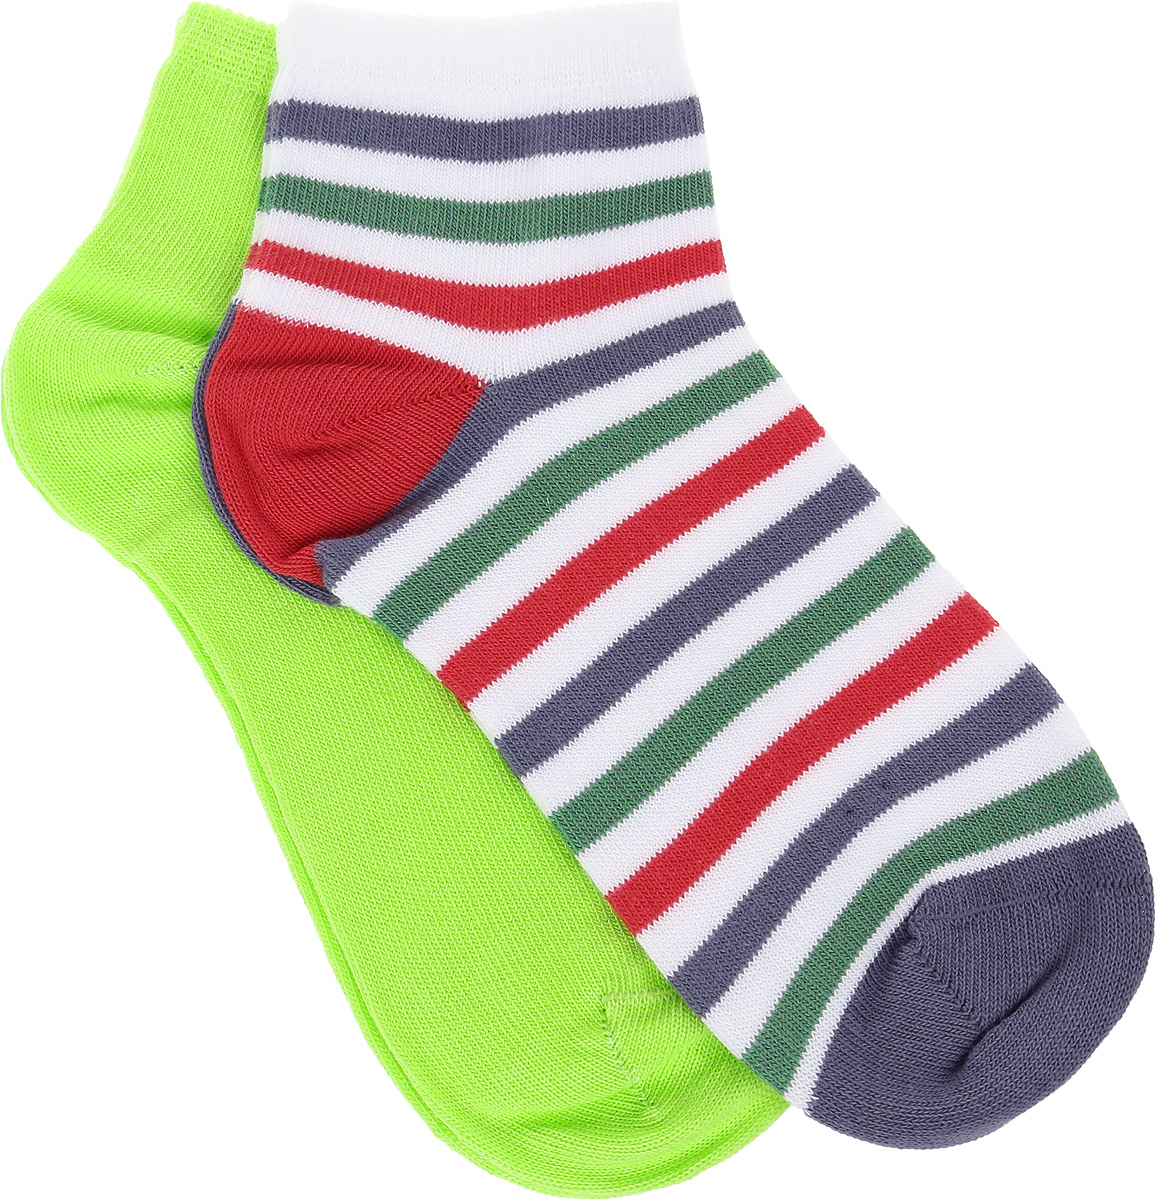 Носки для мальчиков PlayToday, цвет: зеленый, красный. 281020. Размер 34/37281020Носки выполнены из смесового материала с высоким содержанием натурального хлопка. Хорошо облегают ногу. Аккуратные швы не вызывают неприятных ощущений.